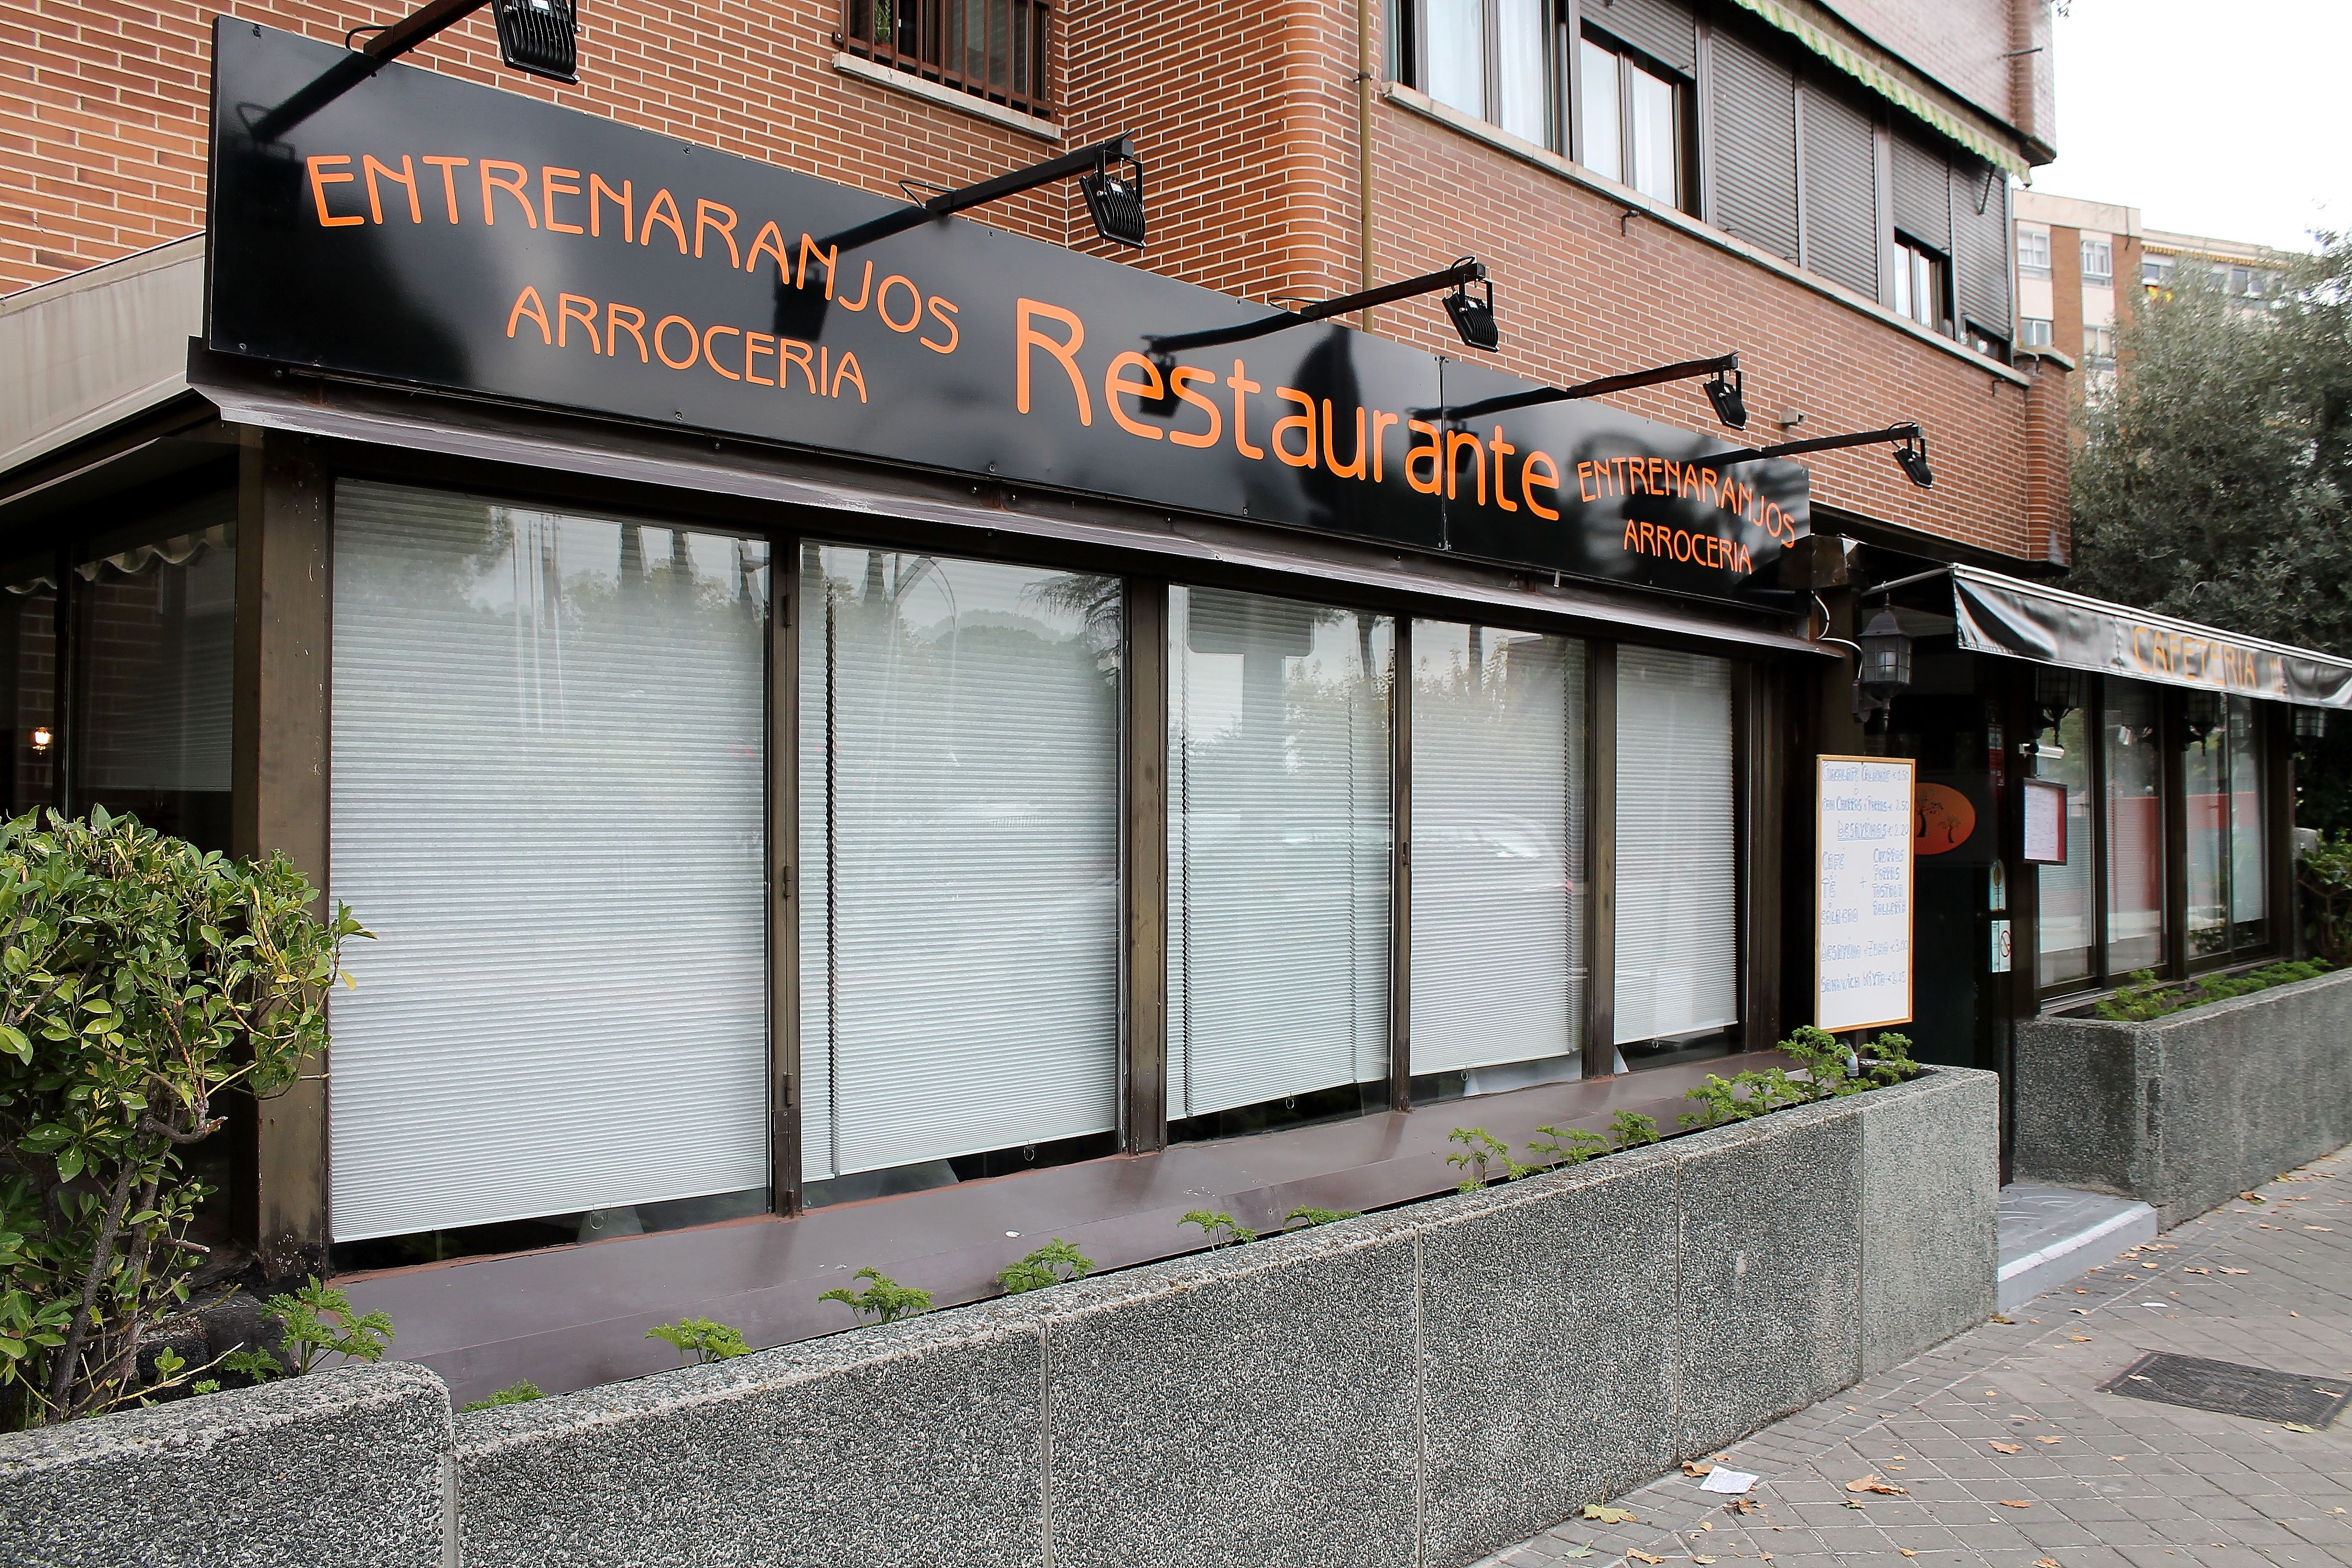 Restaurante arrocería en Tetuán, Madrid